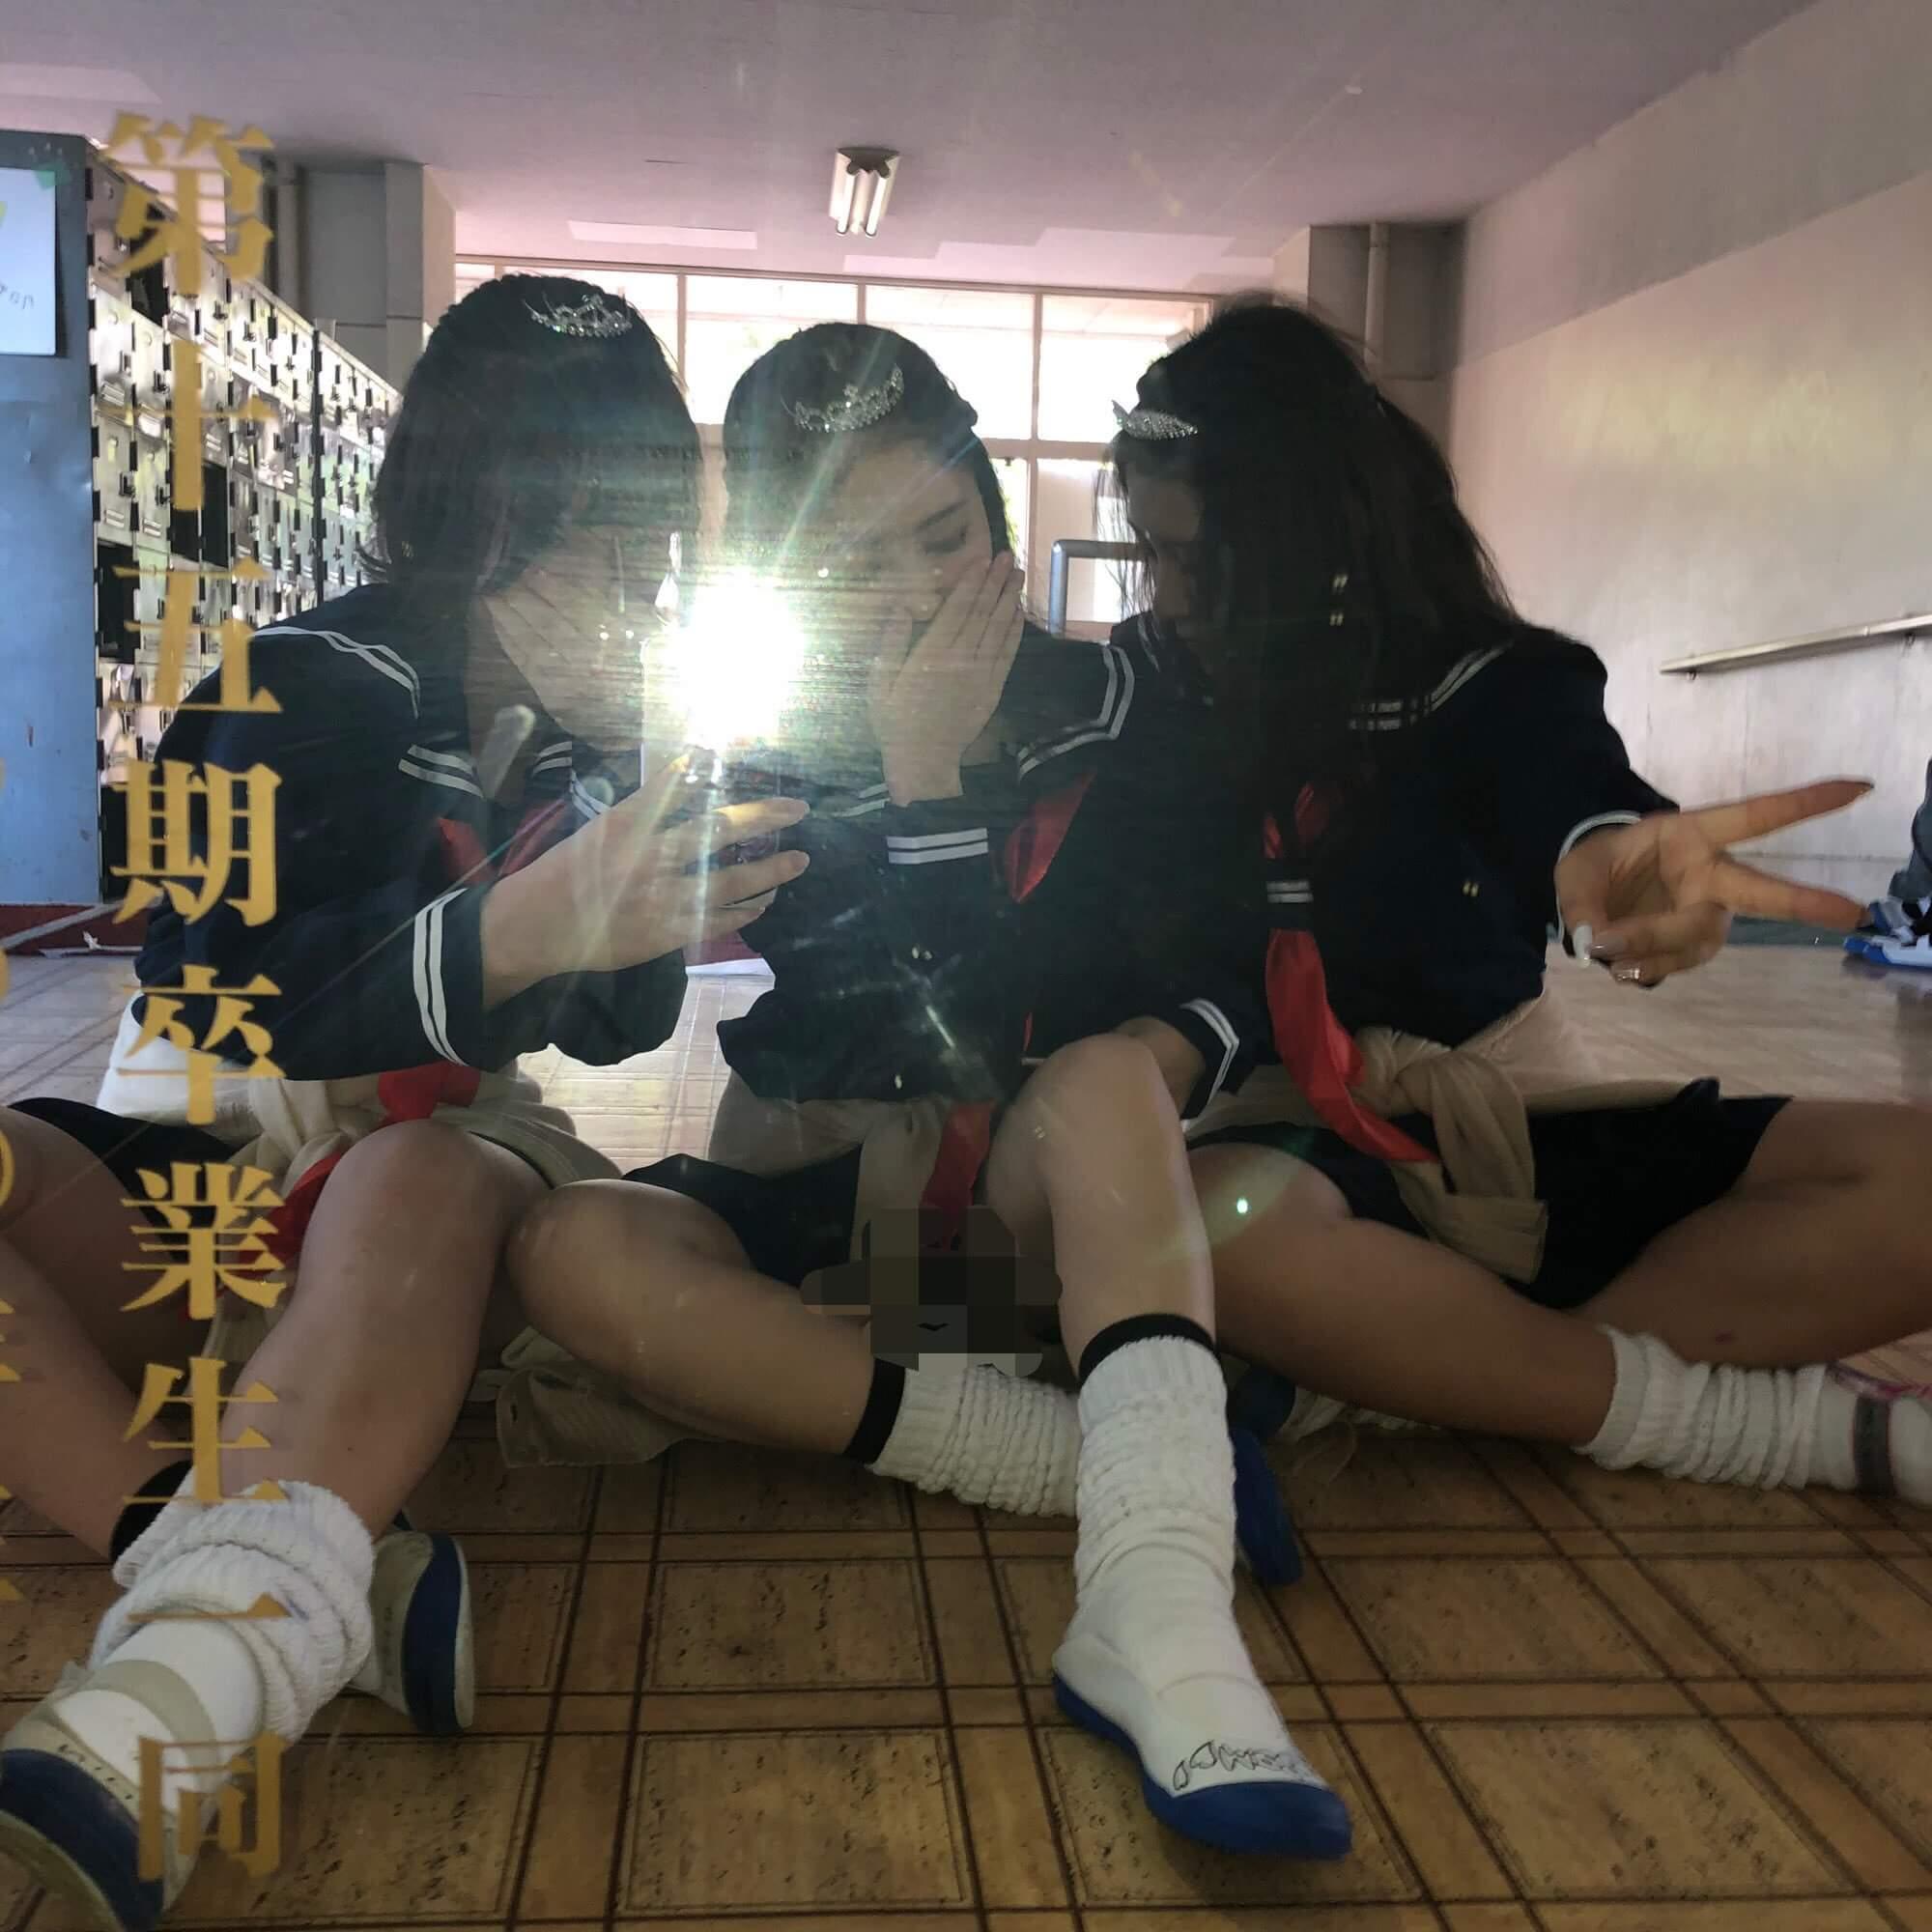 【画像】JKが友達といる時にノリで撮った自撮り写真